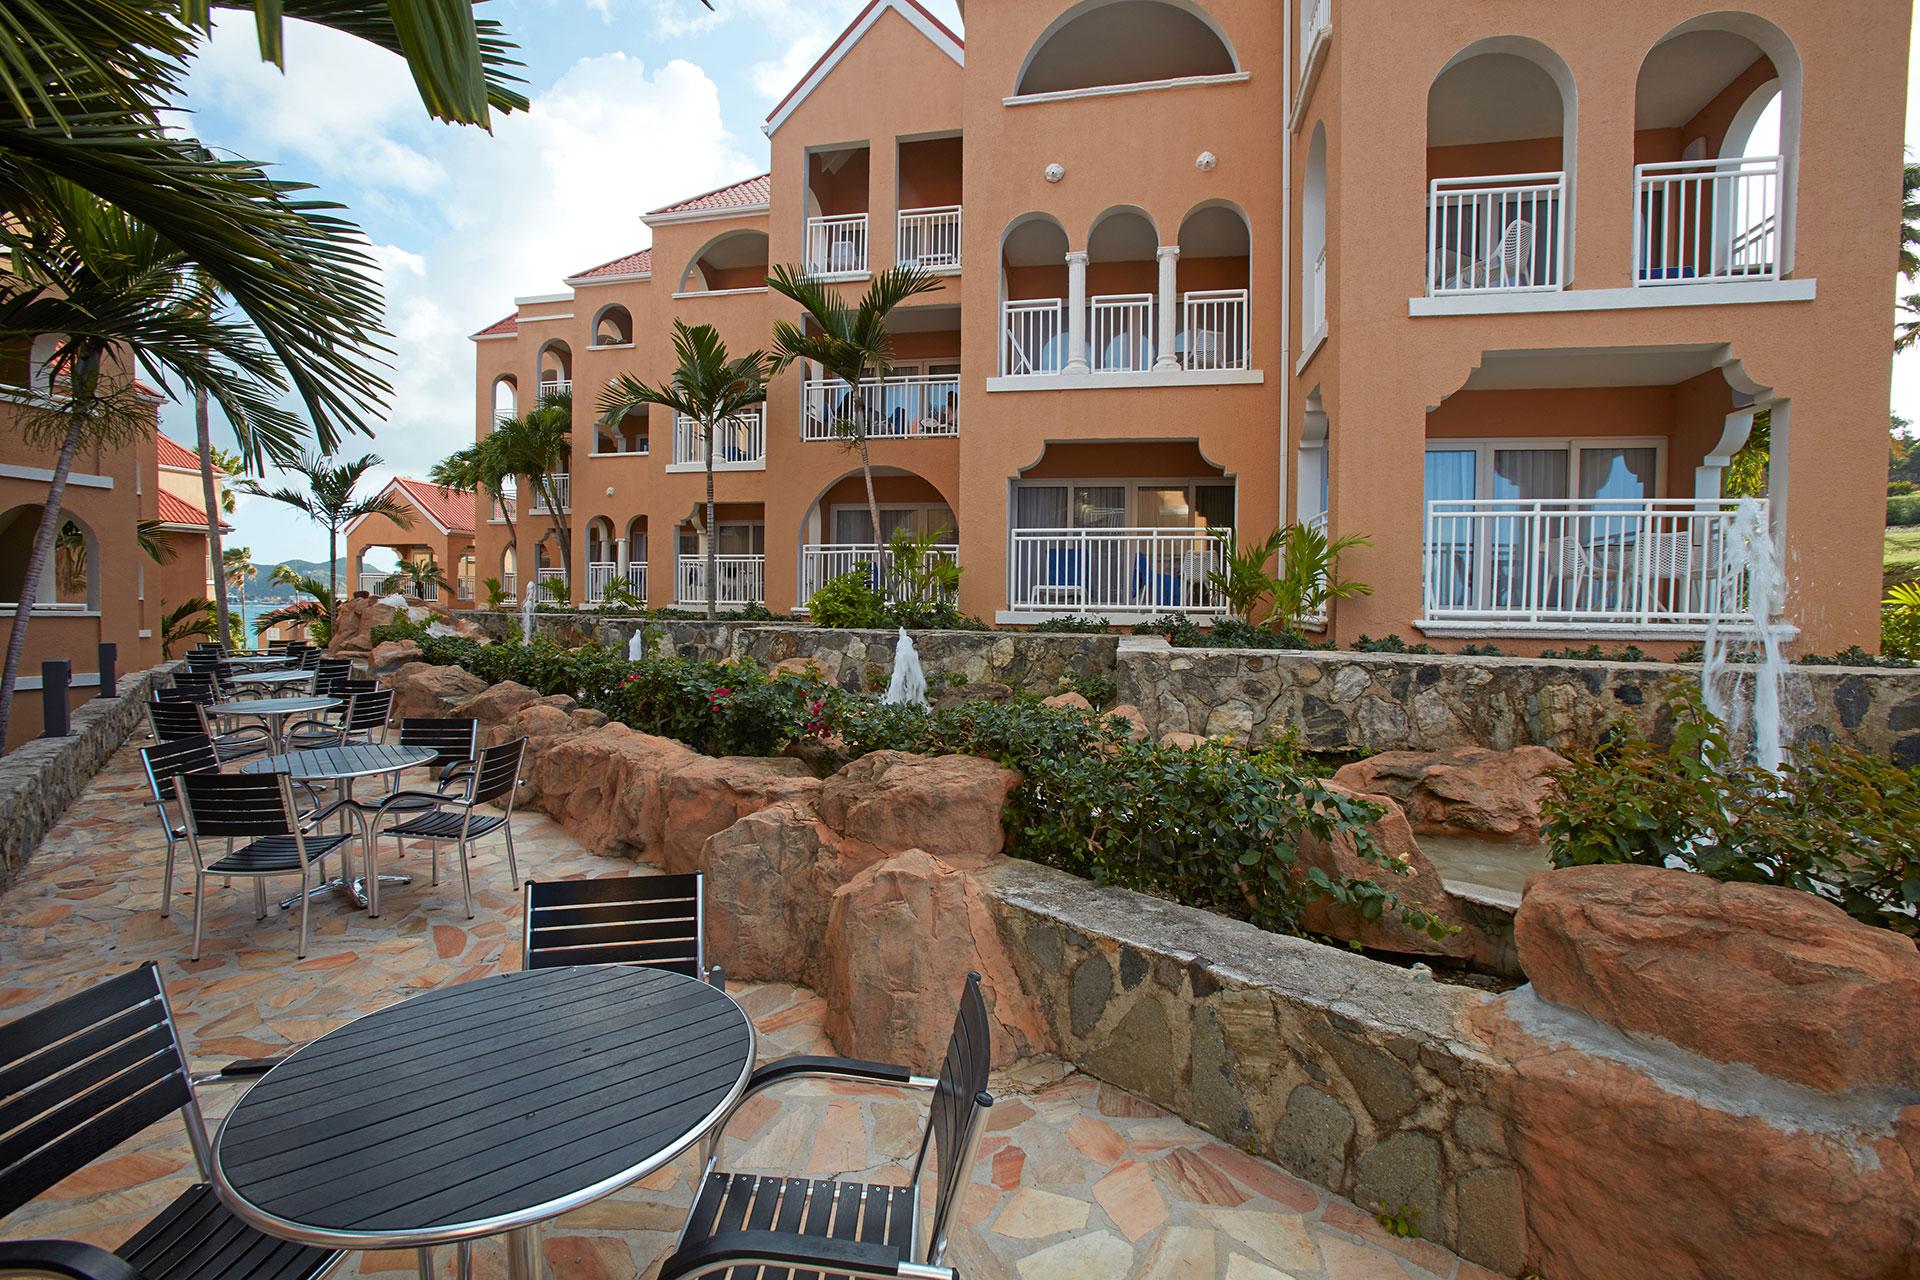 Divi Little Bay Beach Resort in St. Maarten; Courtesy of Divi Little Bay Beach Resort